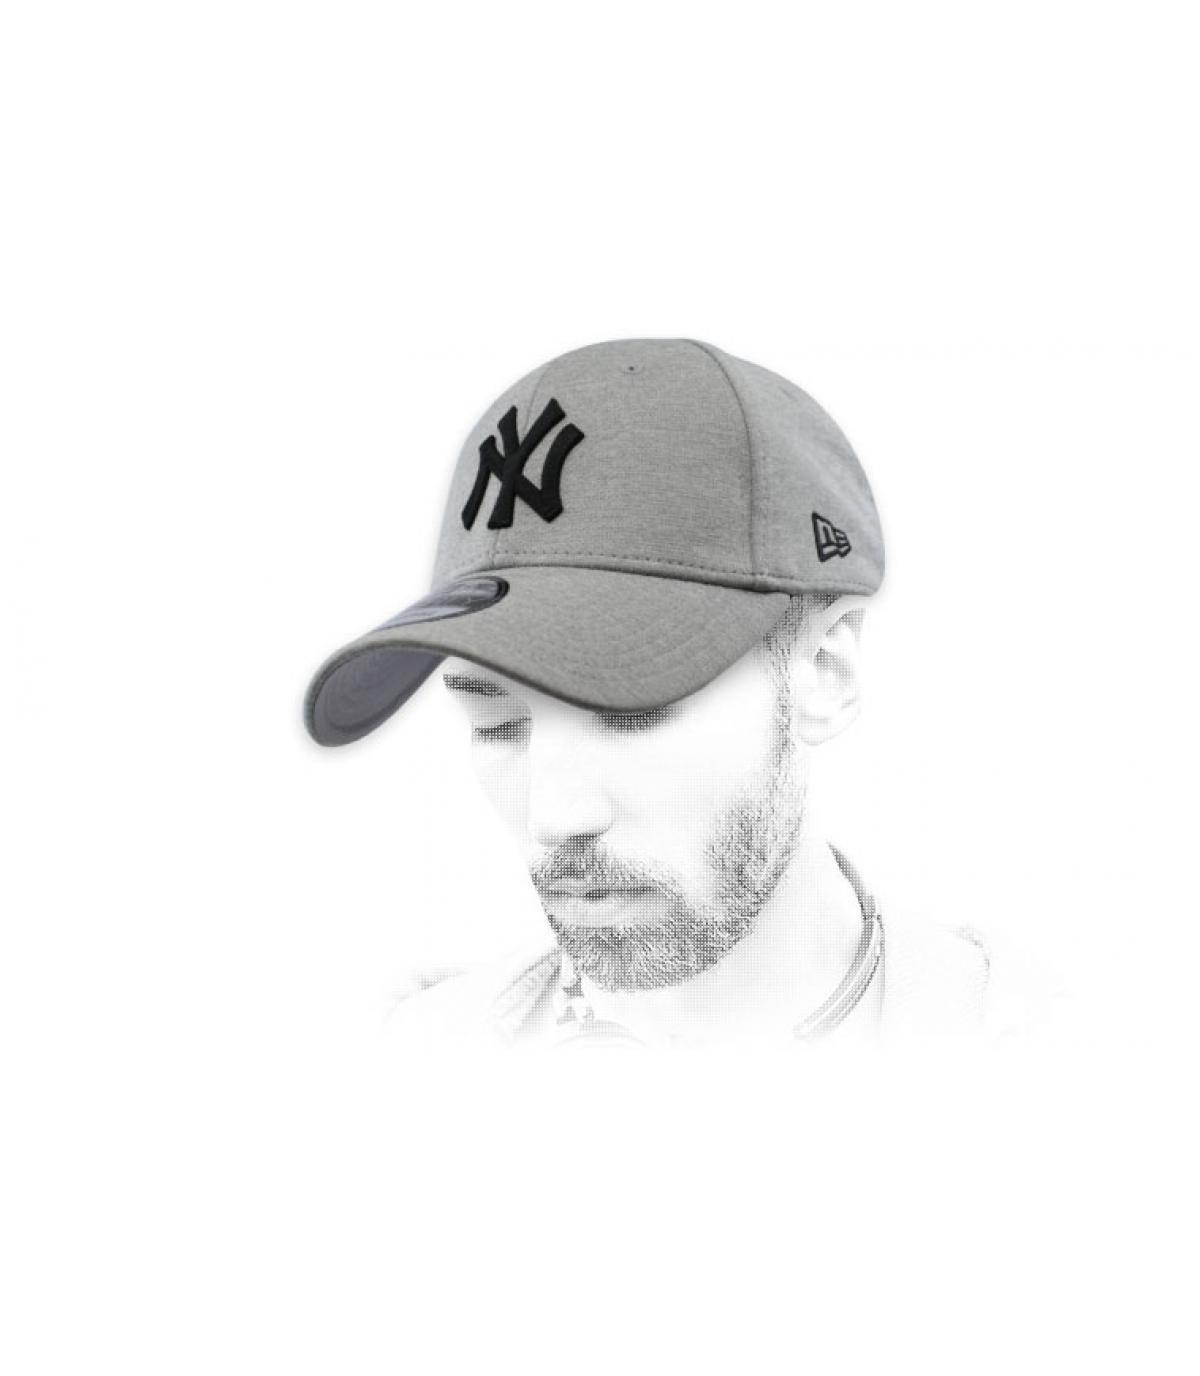 cappuccio NY nero grigio